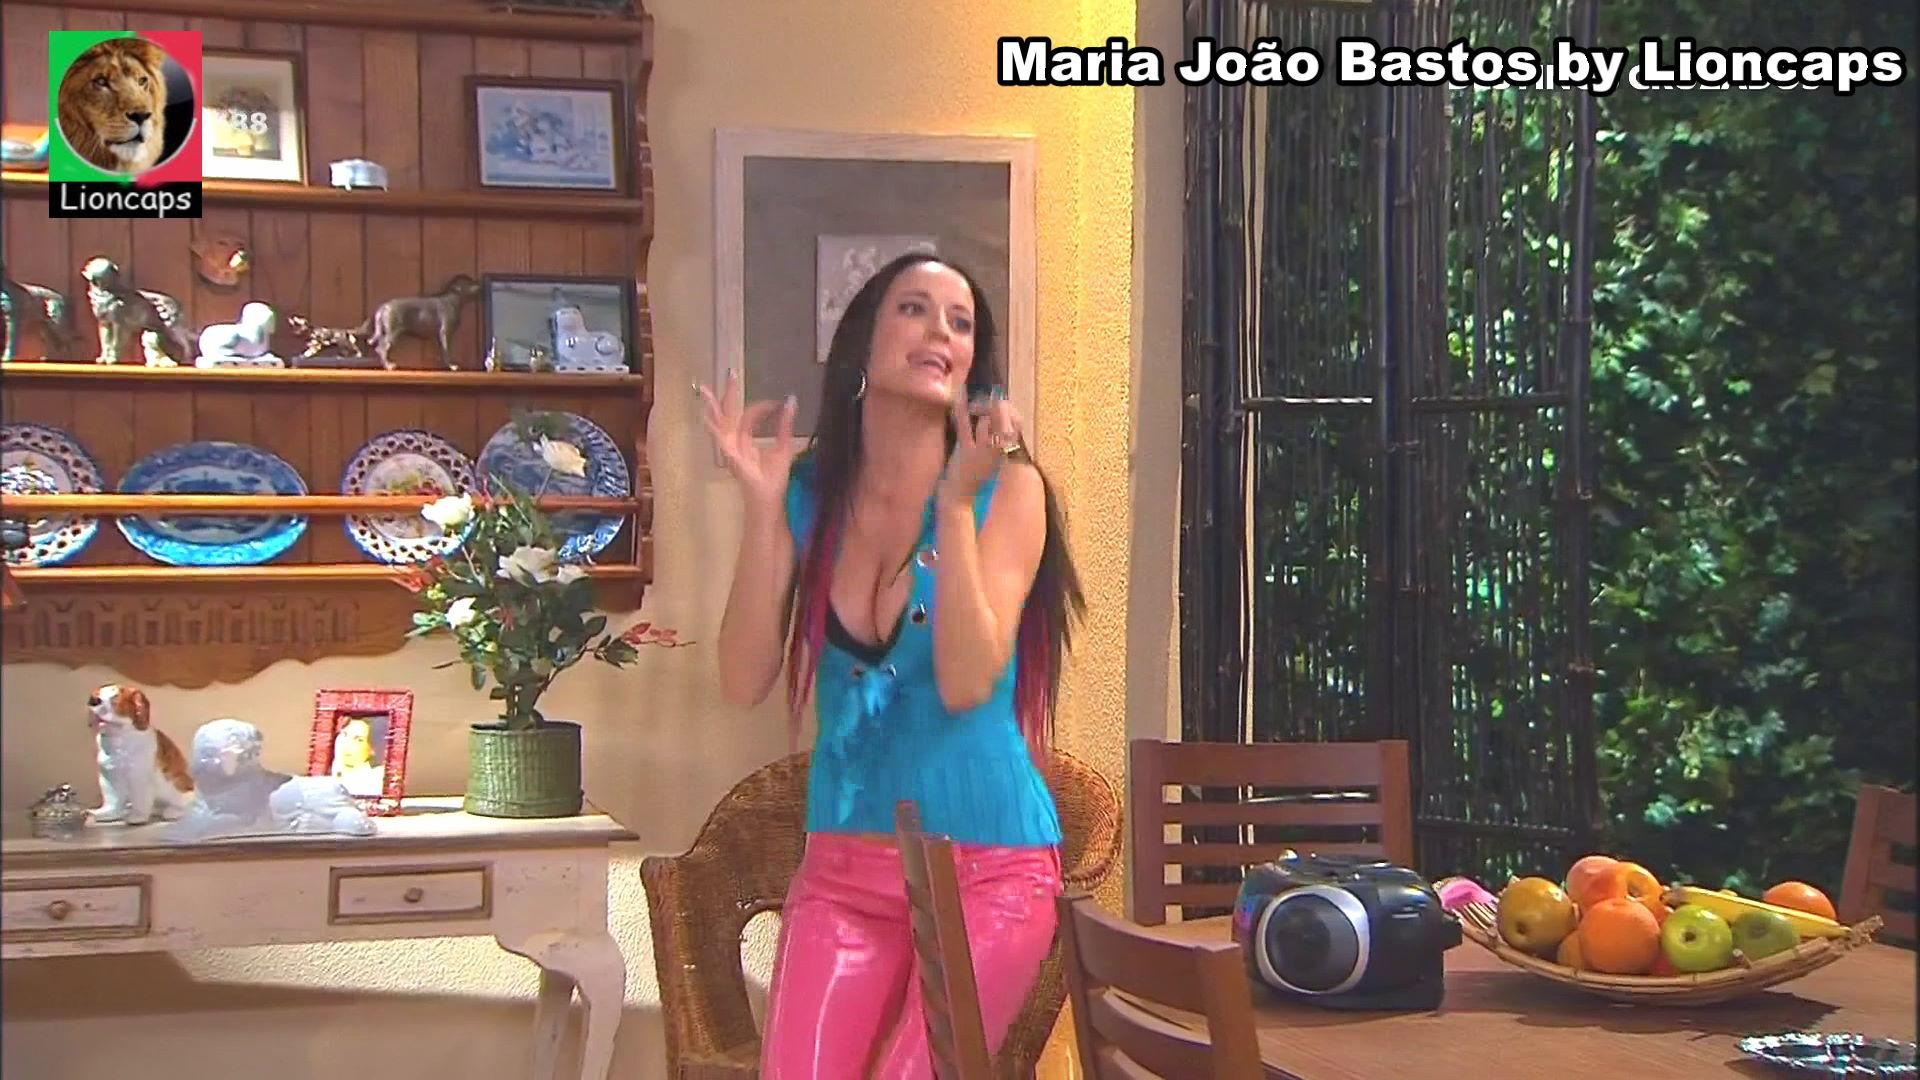 maria_joao_bastos_vs200604-001 (28).JPG